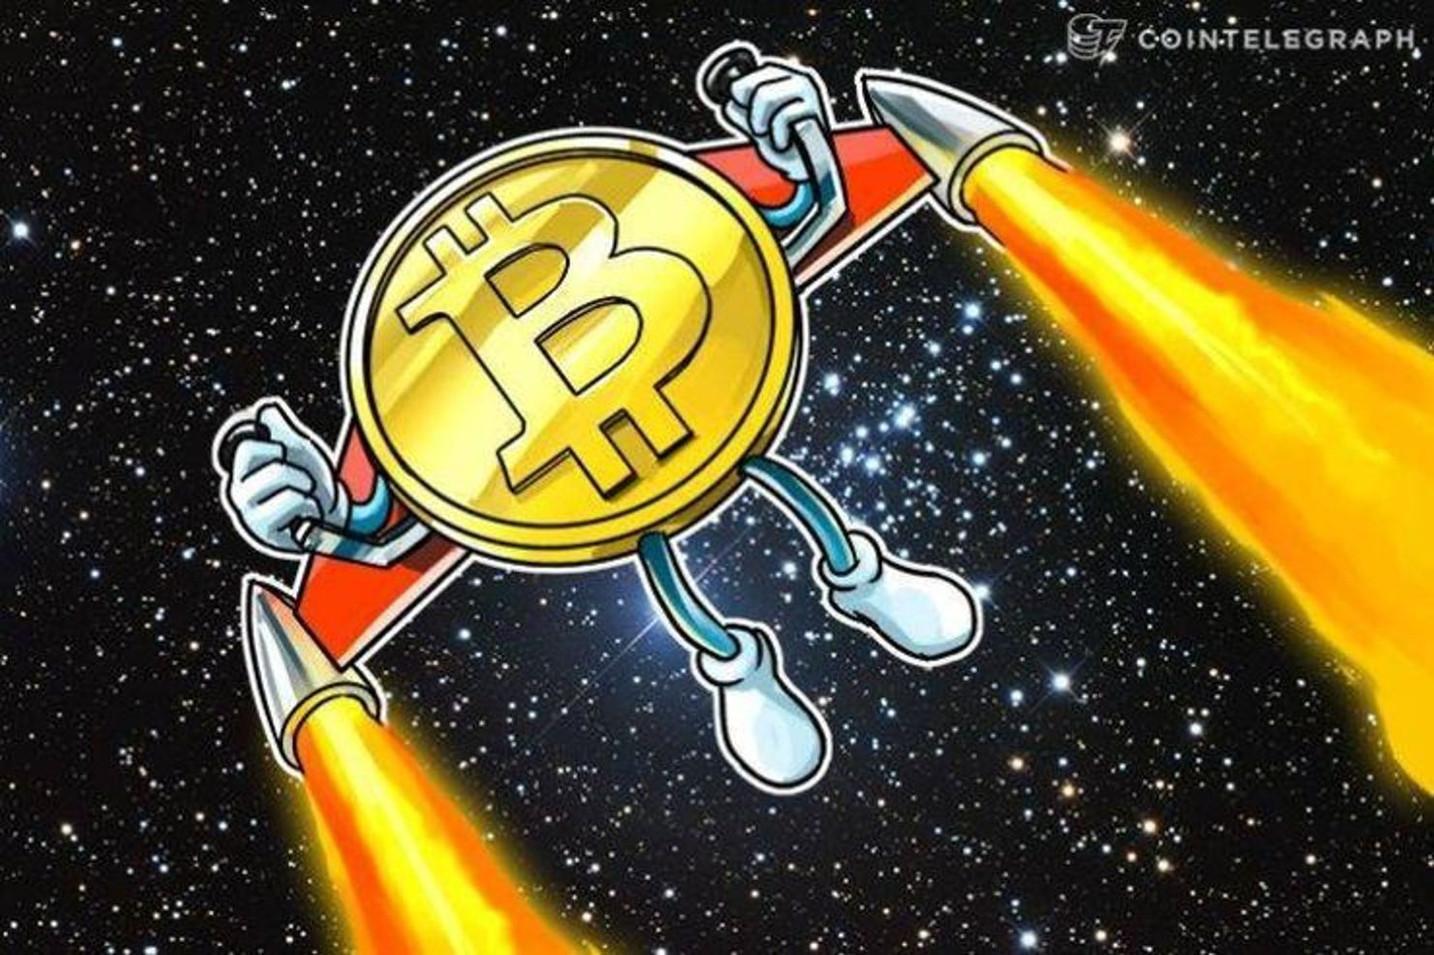 【速報】仮想通貨ビットコイン急伸 ゴールデンクロス形成